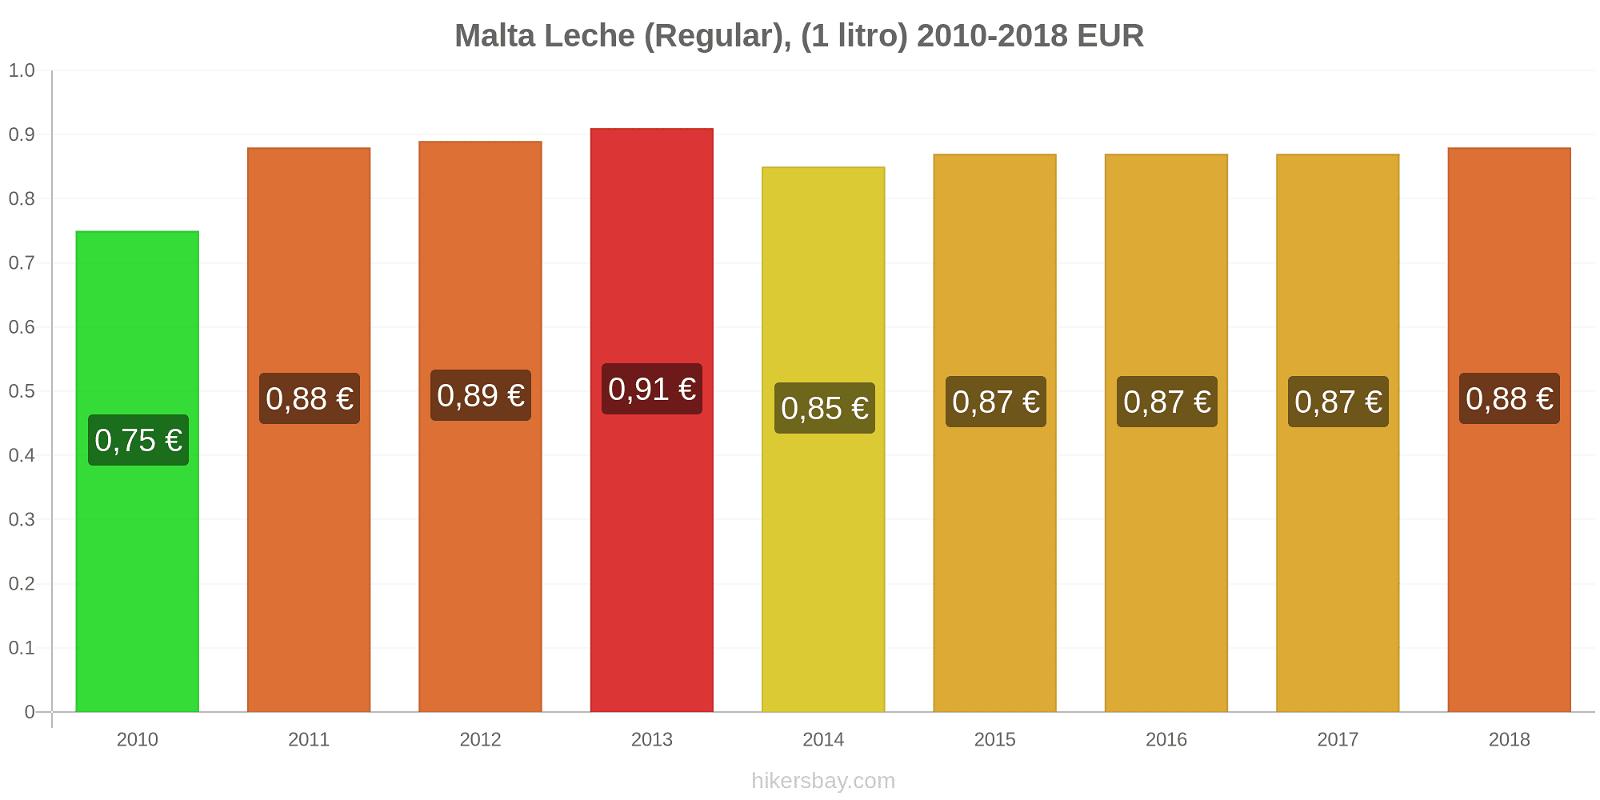 Malta cambios de precios Leche (Regular), (1 litro) hikersbay.com